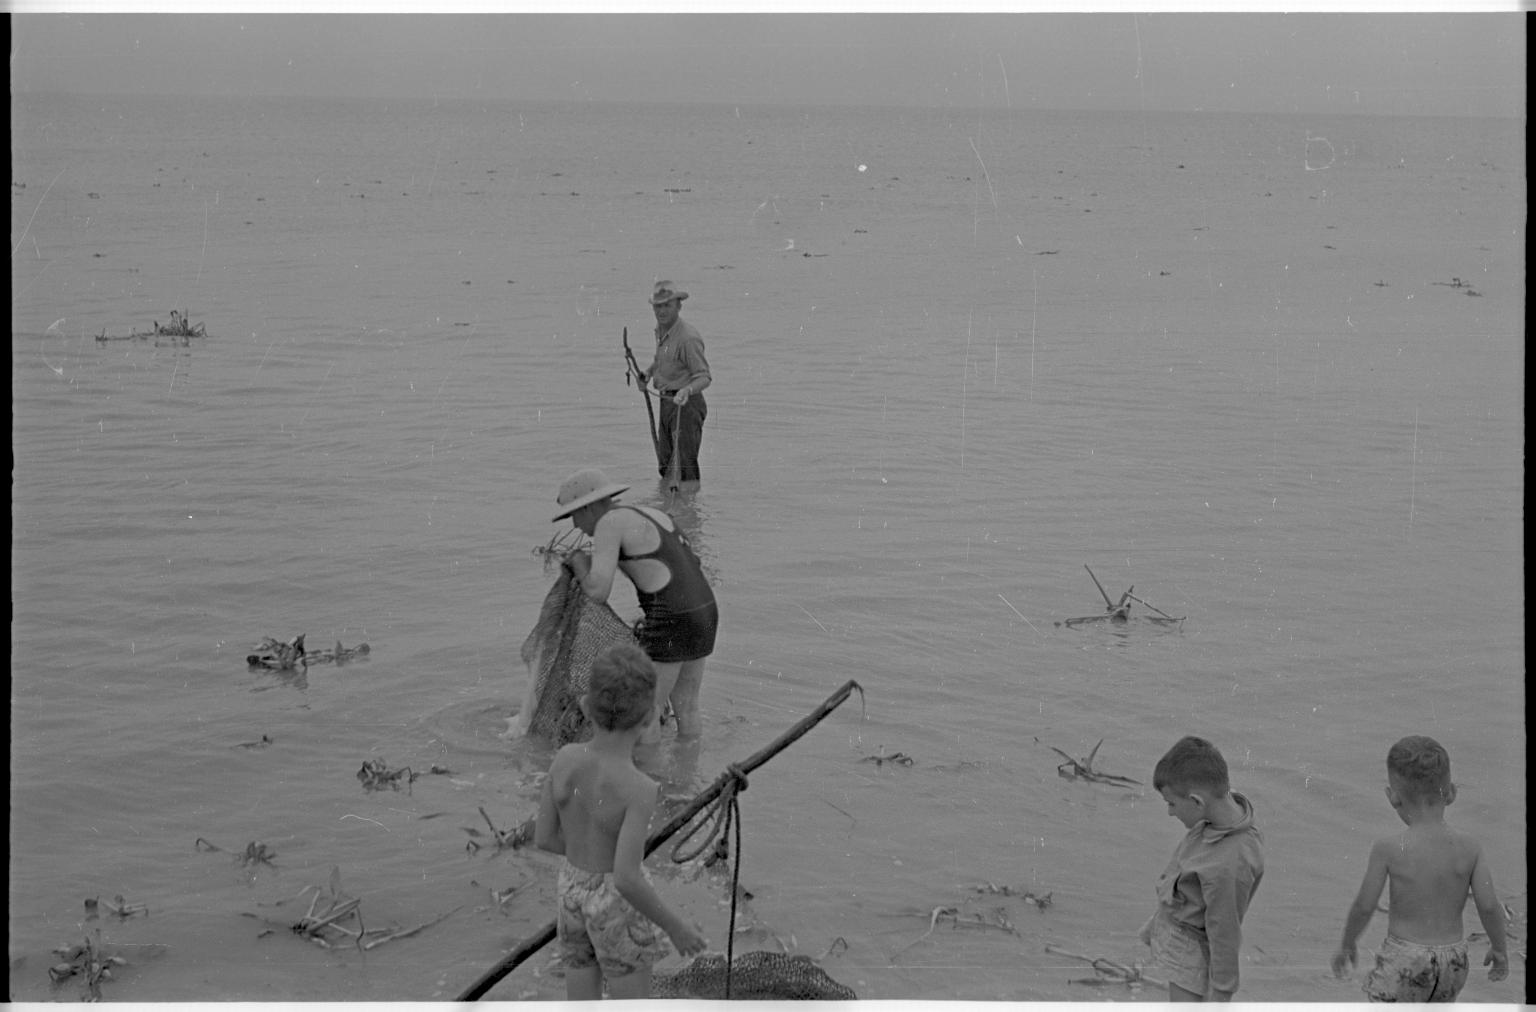 Fishing in Louisiana